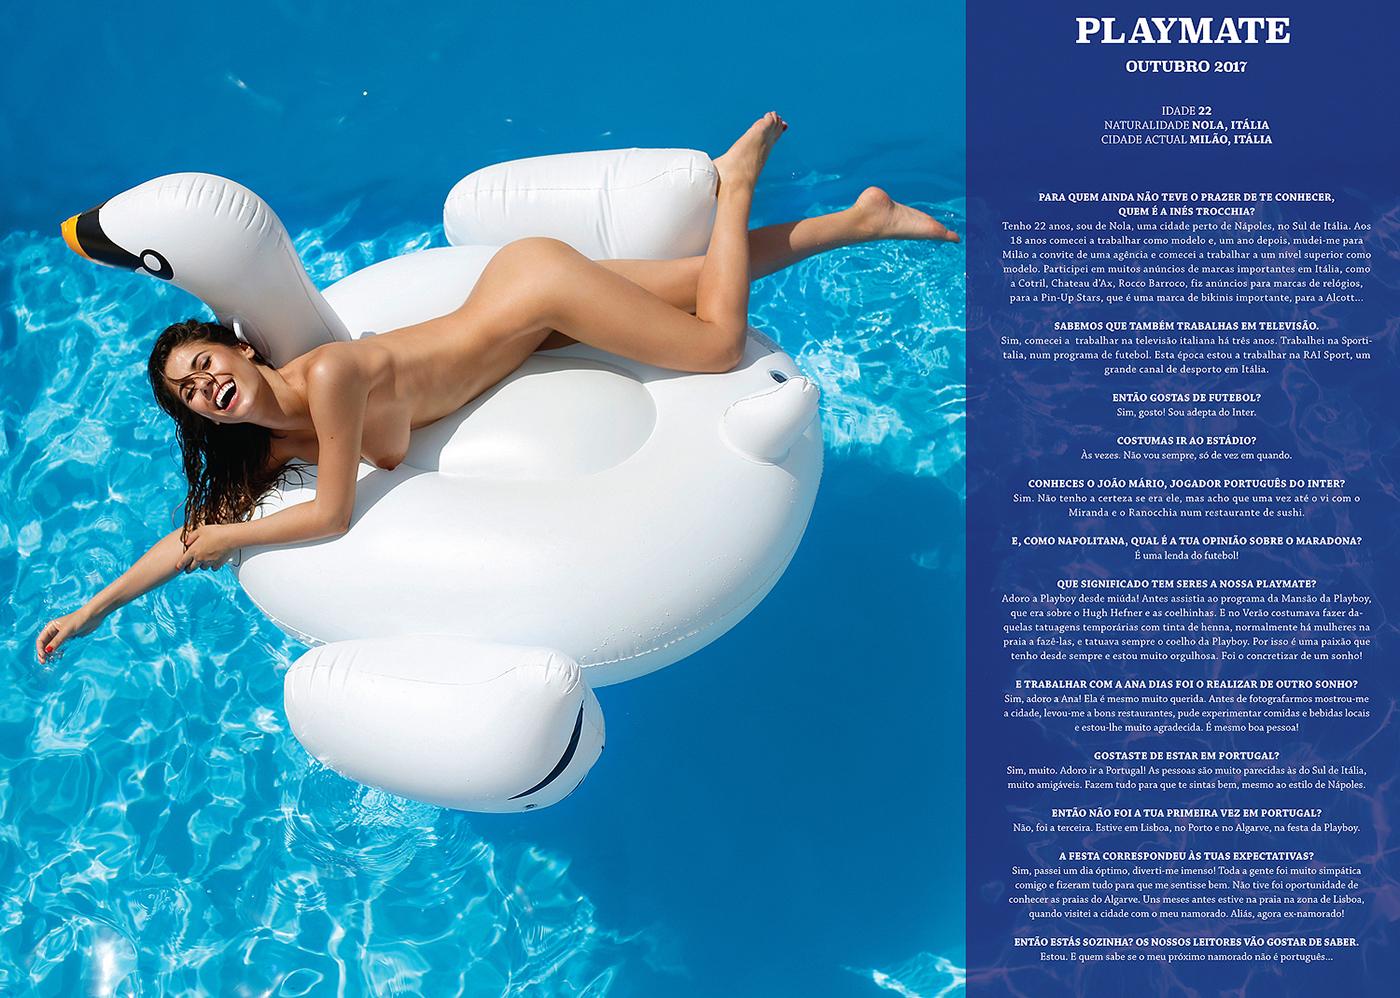 Playmate PLAYBOY Portugal Inés Trocchia | фото Ana Dias